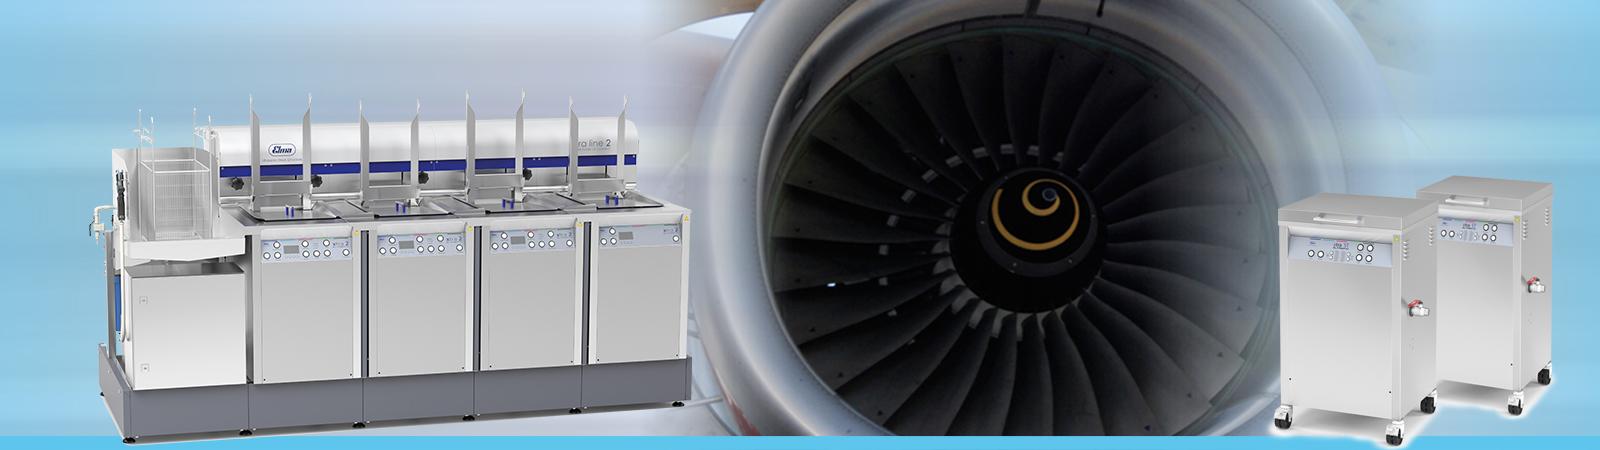 aero-1600x450E694D64C-EF04-4B5A-C446-A3560E86BA73.jpg